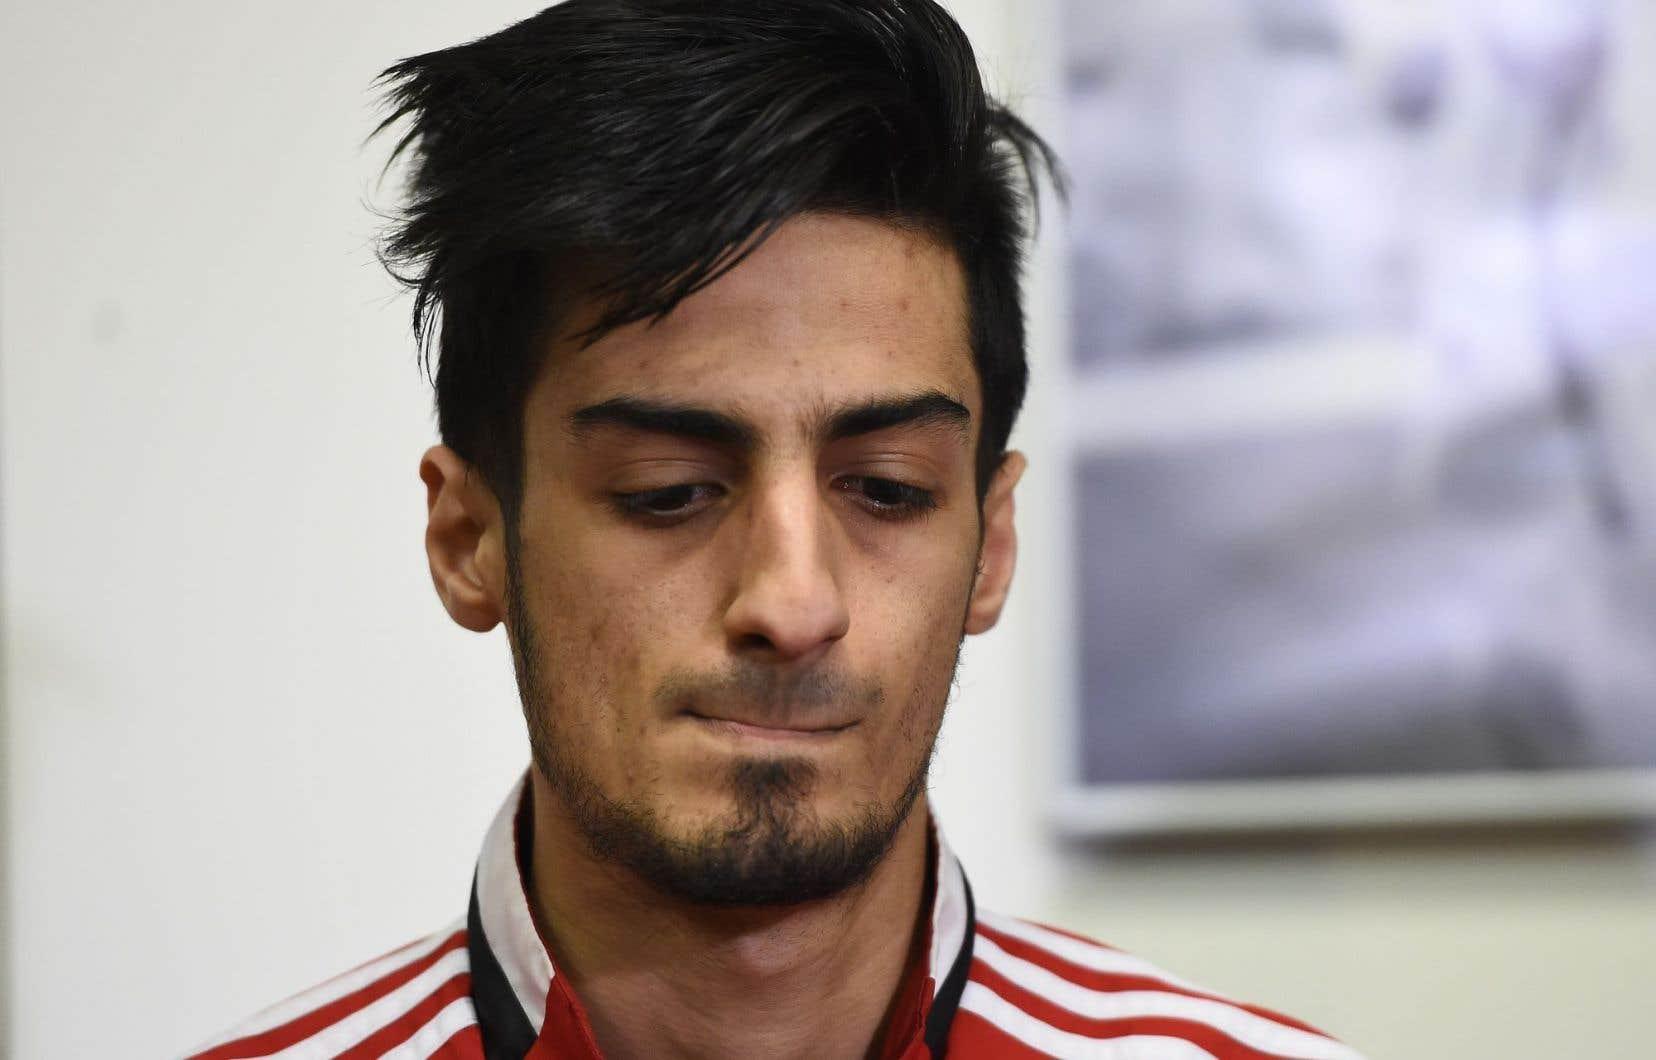 Le frère cadet de Najim Laachraoui, Mourad, a rencontré les médias lors d'une conférence de presse jeudi soir.